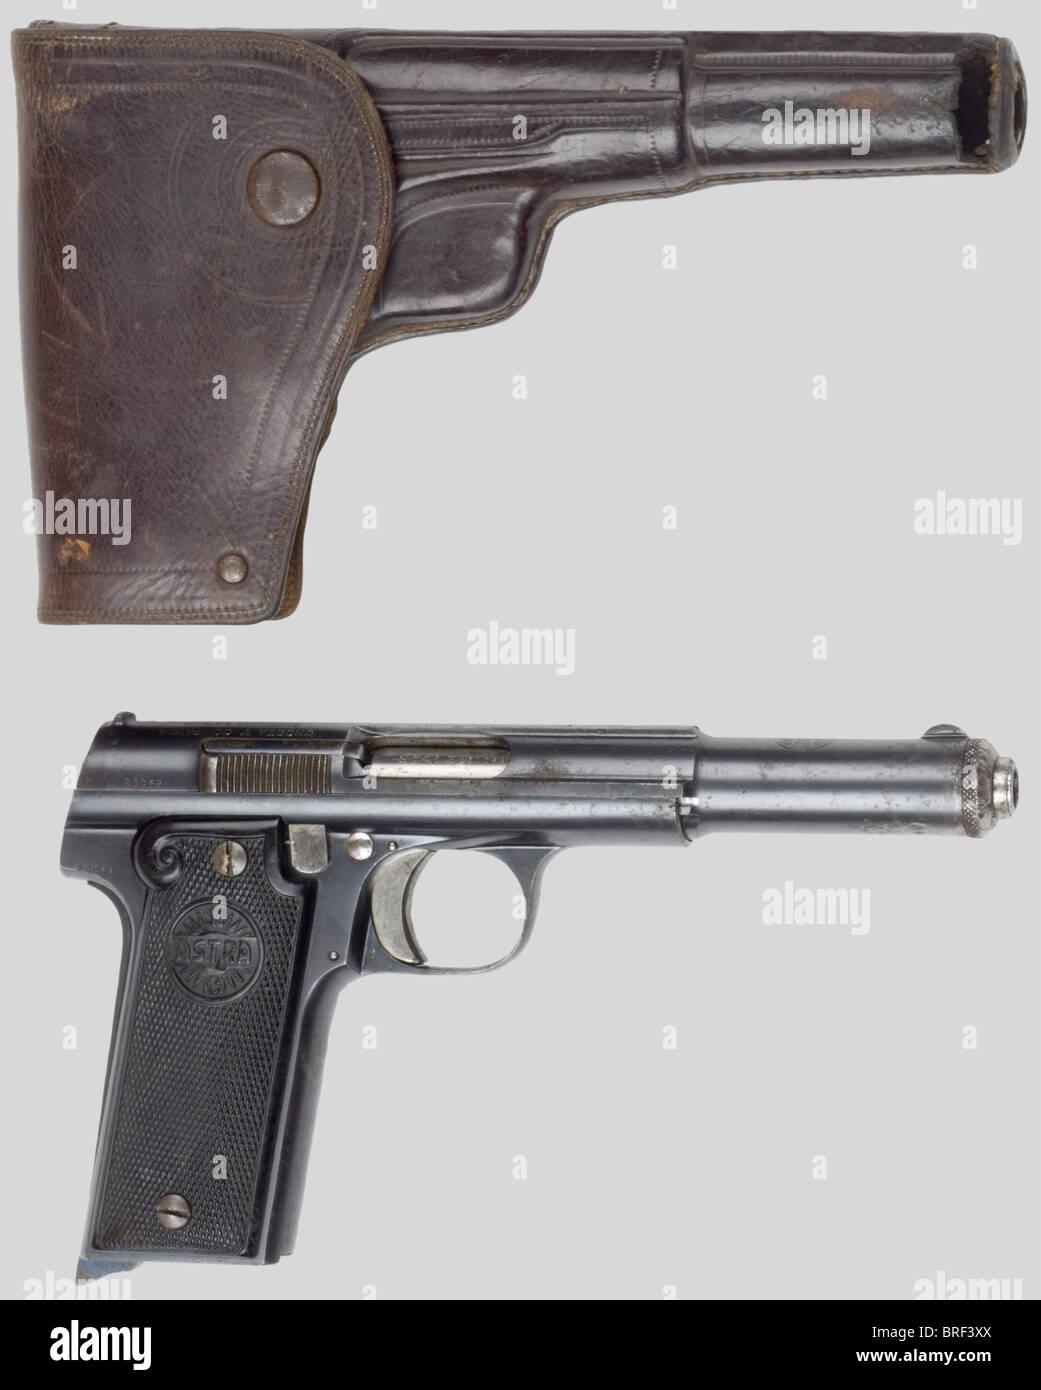 Armes à feu, Pistolet ASTRA modèle 21, no. 50049. Il est capable de tirer sans soucis un nombreux type - Stock Image